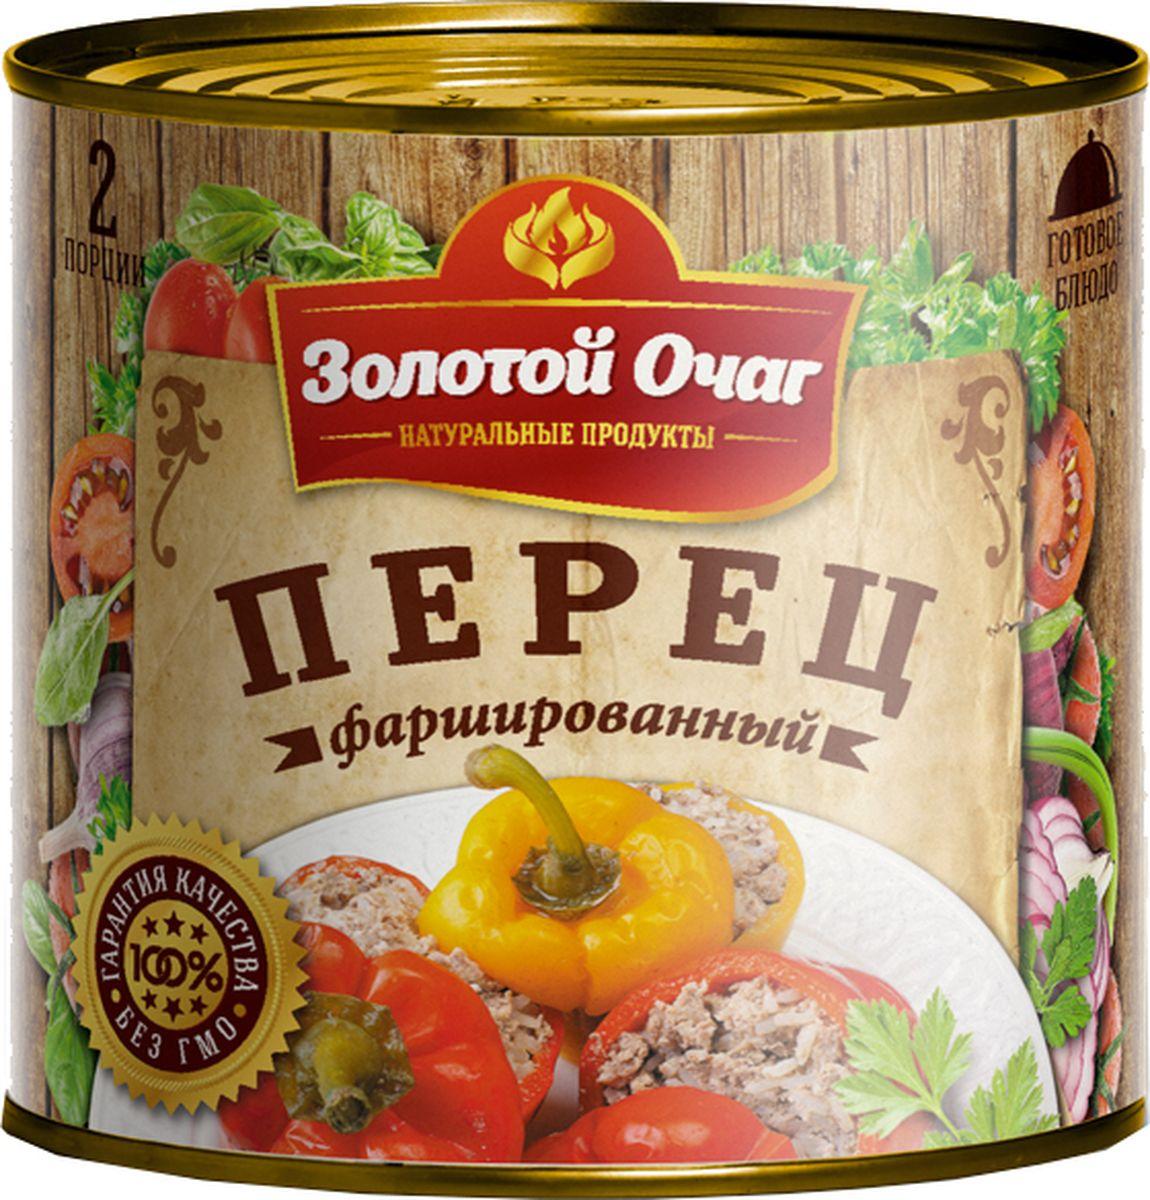 Золотой Очаг перец фаршированный мясом и рисом, 540 г4607816070027Продукт готов к употреблению. Перед употреблением рекомендуется разогреть.